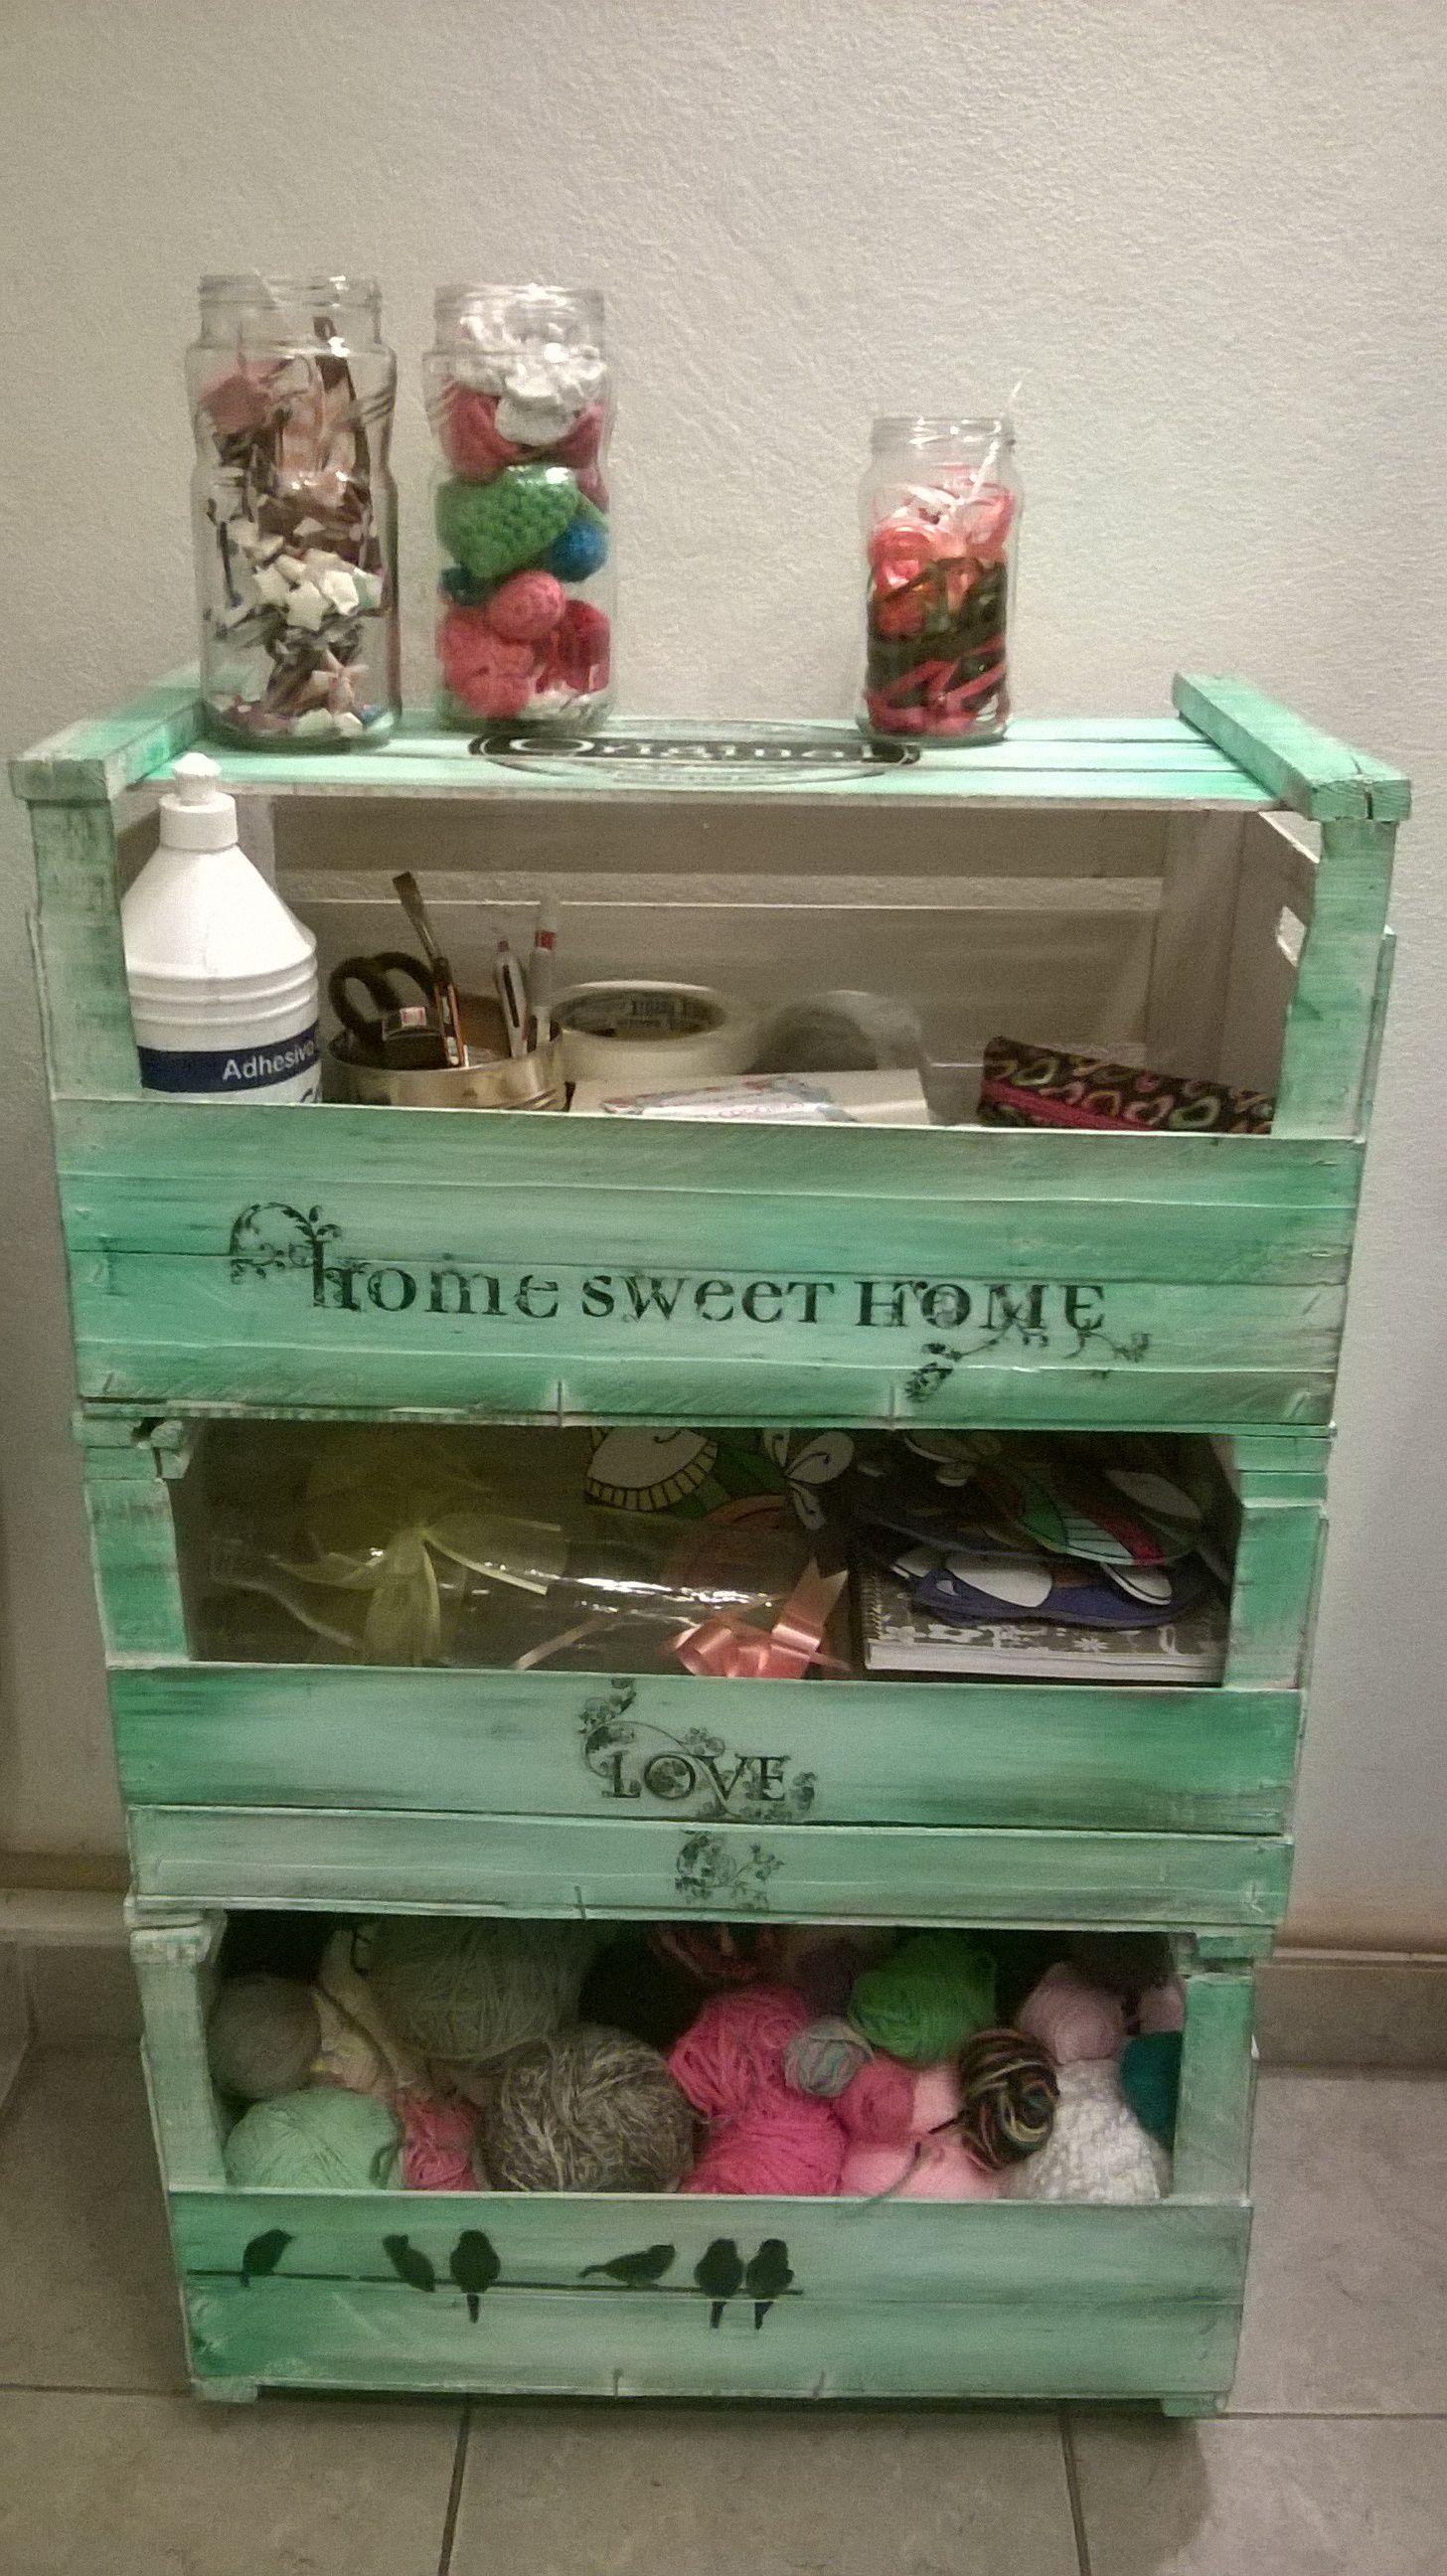 Con cajones de frutas muebles reciclados pinterest for Manualidades de muebles